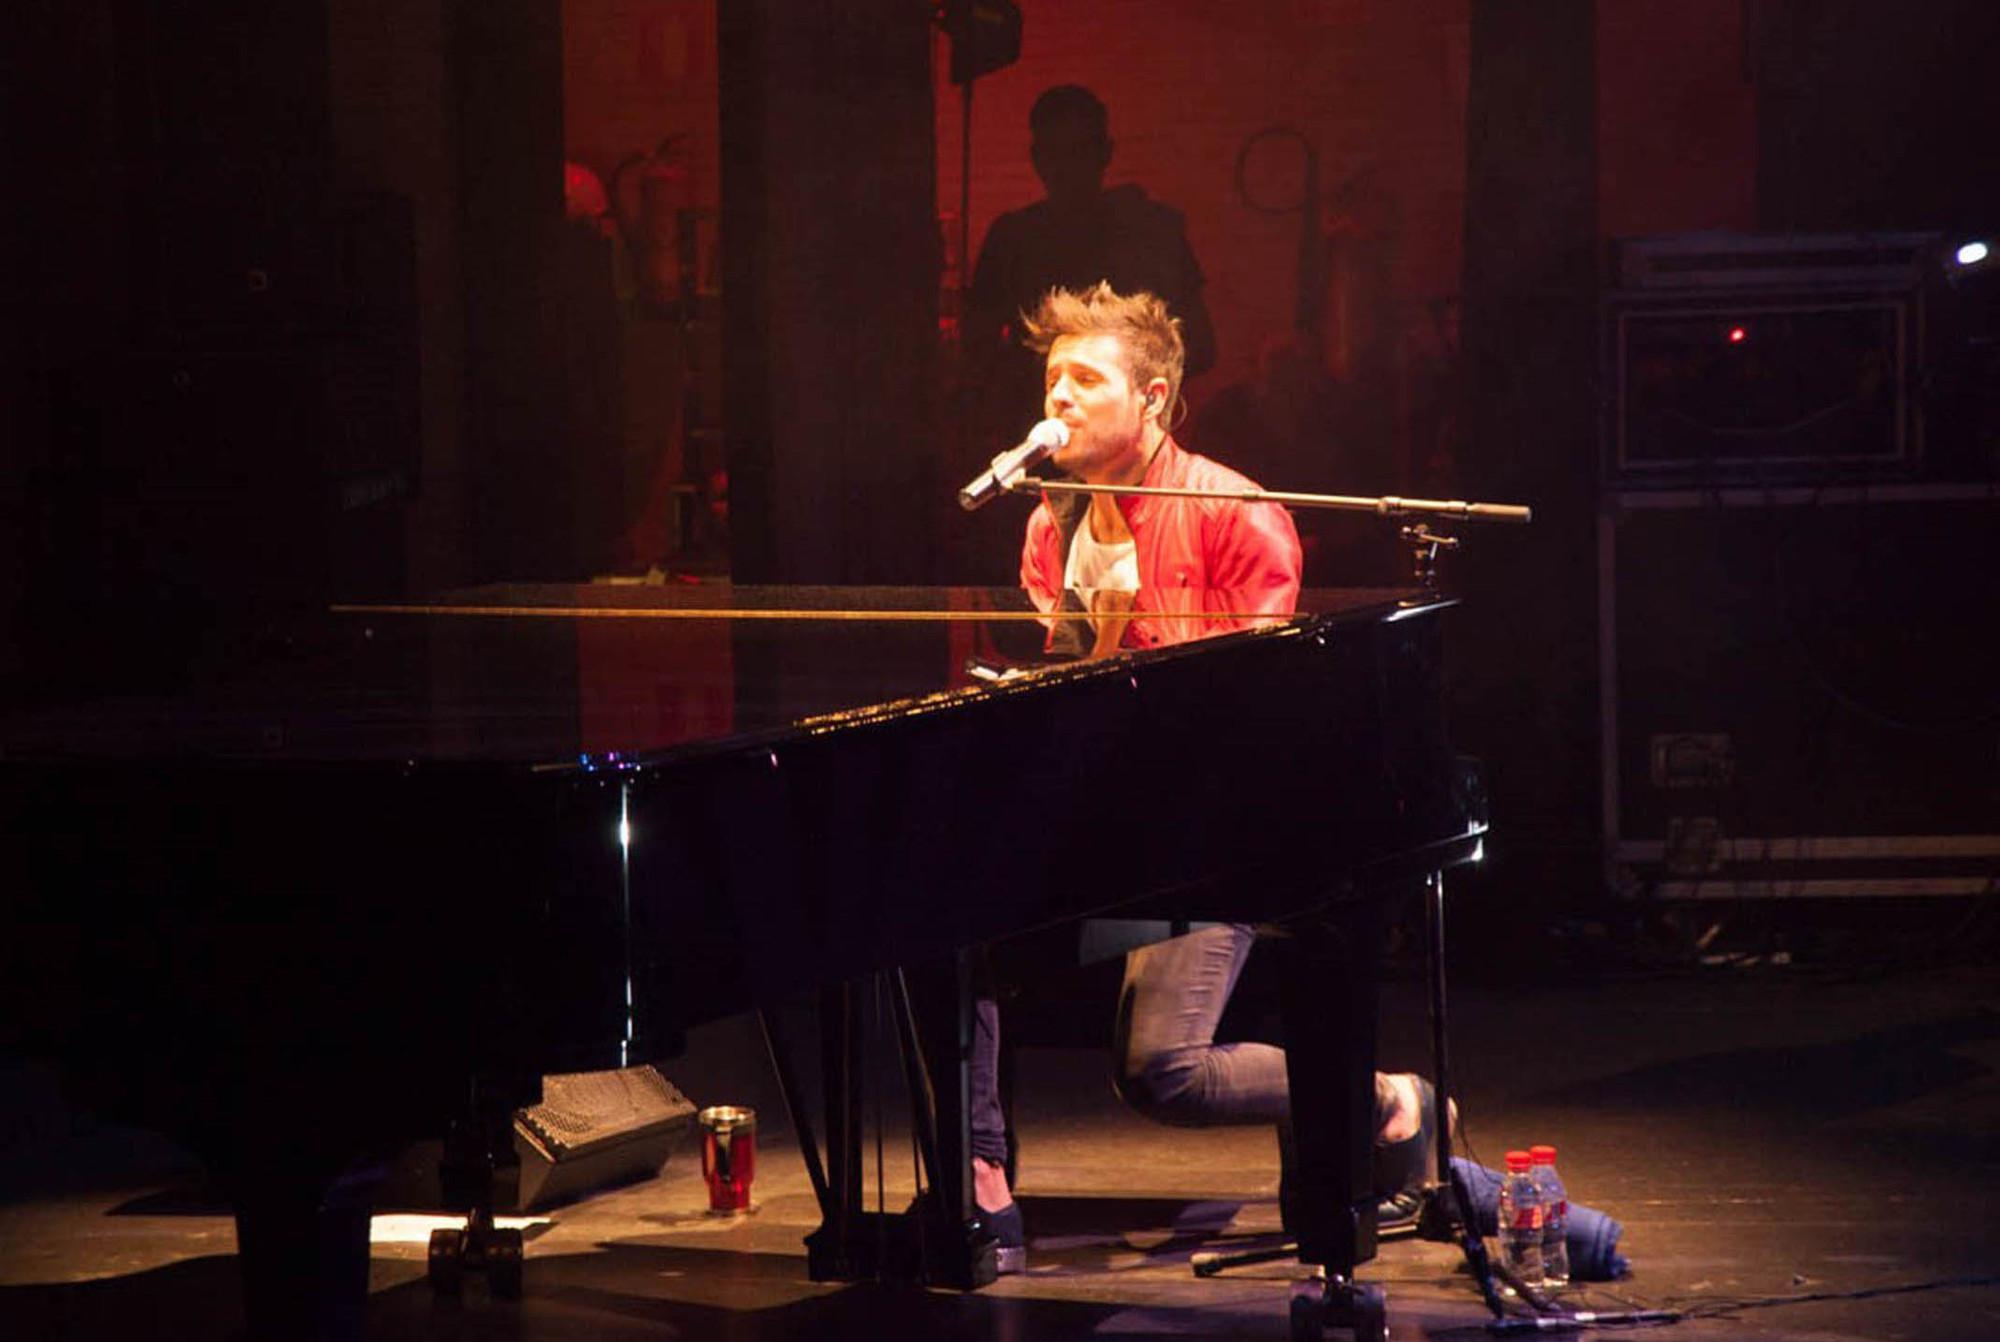 El público vivió 'La mejor noche de mi vida' con el concierto de Pablo López en Almería